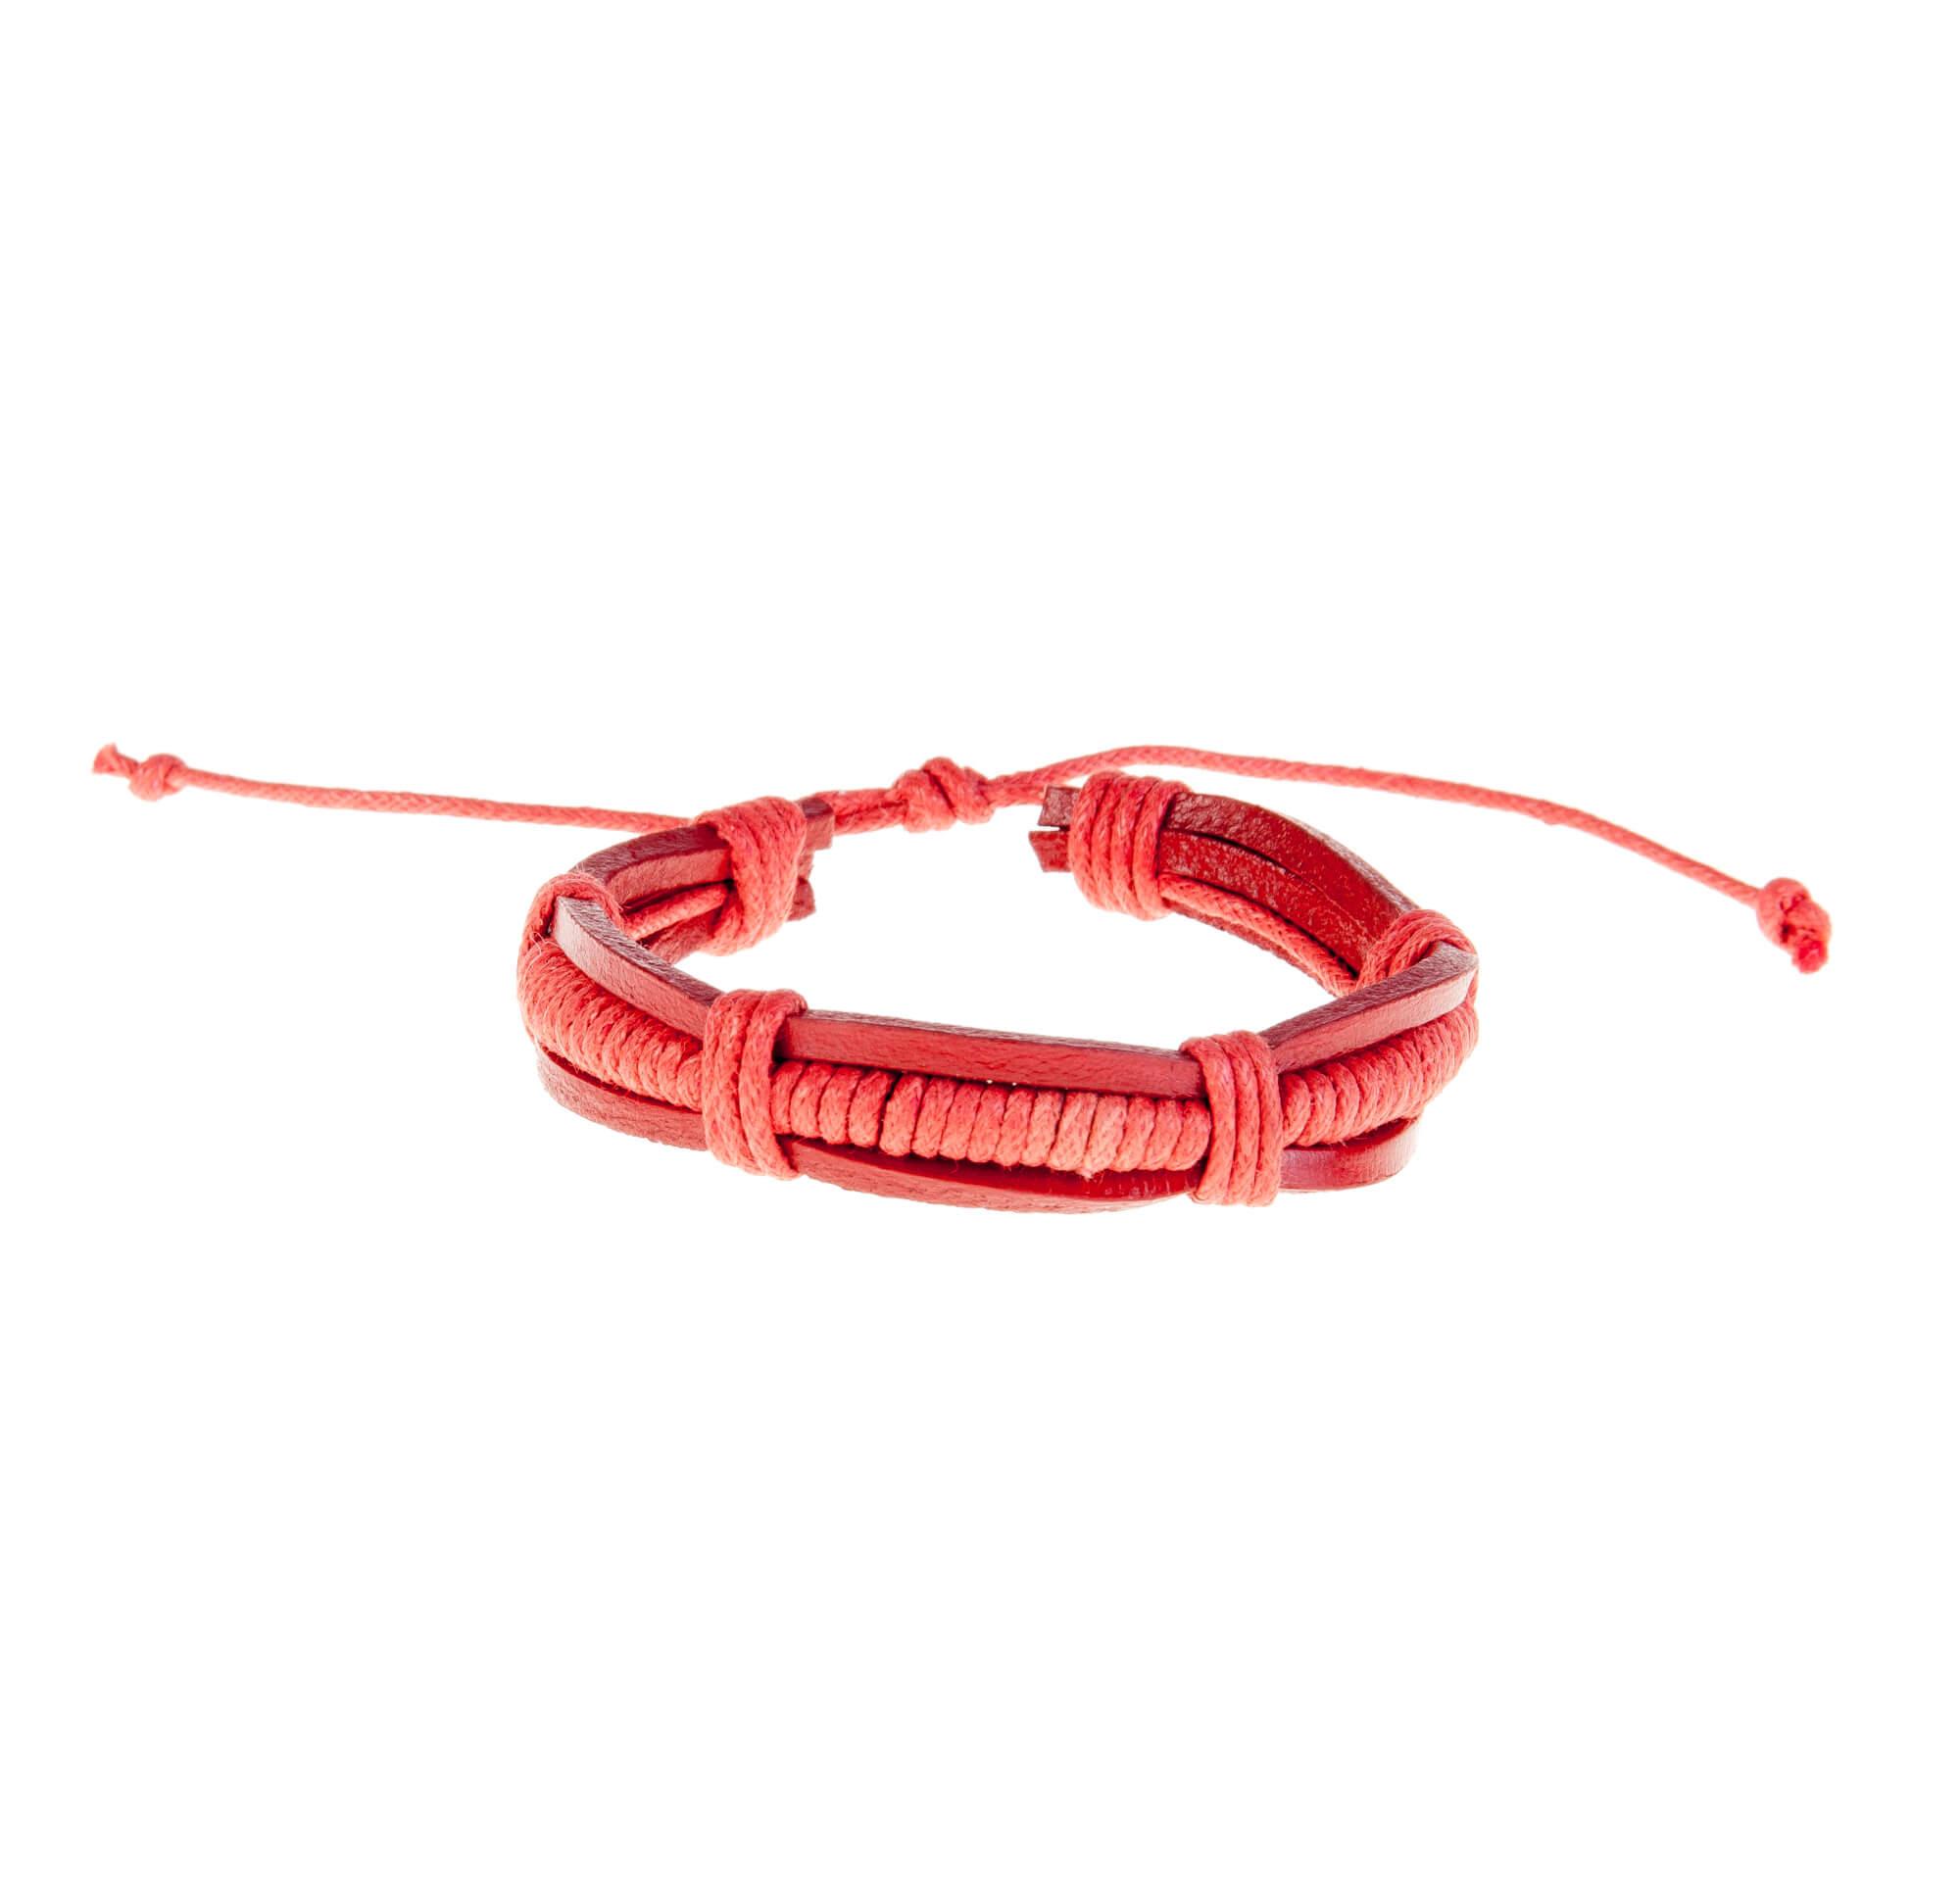 دستبند چرمی-کنفی مردانه KM1005